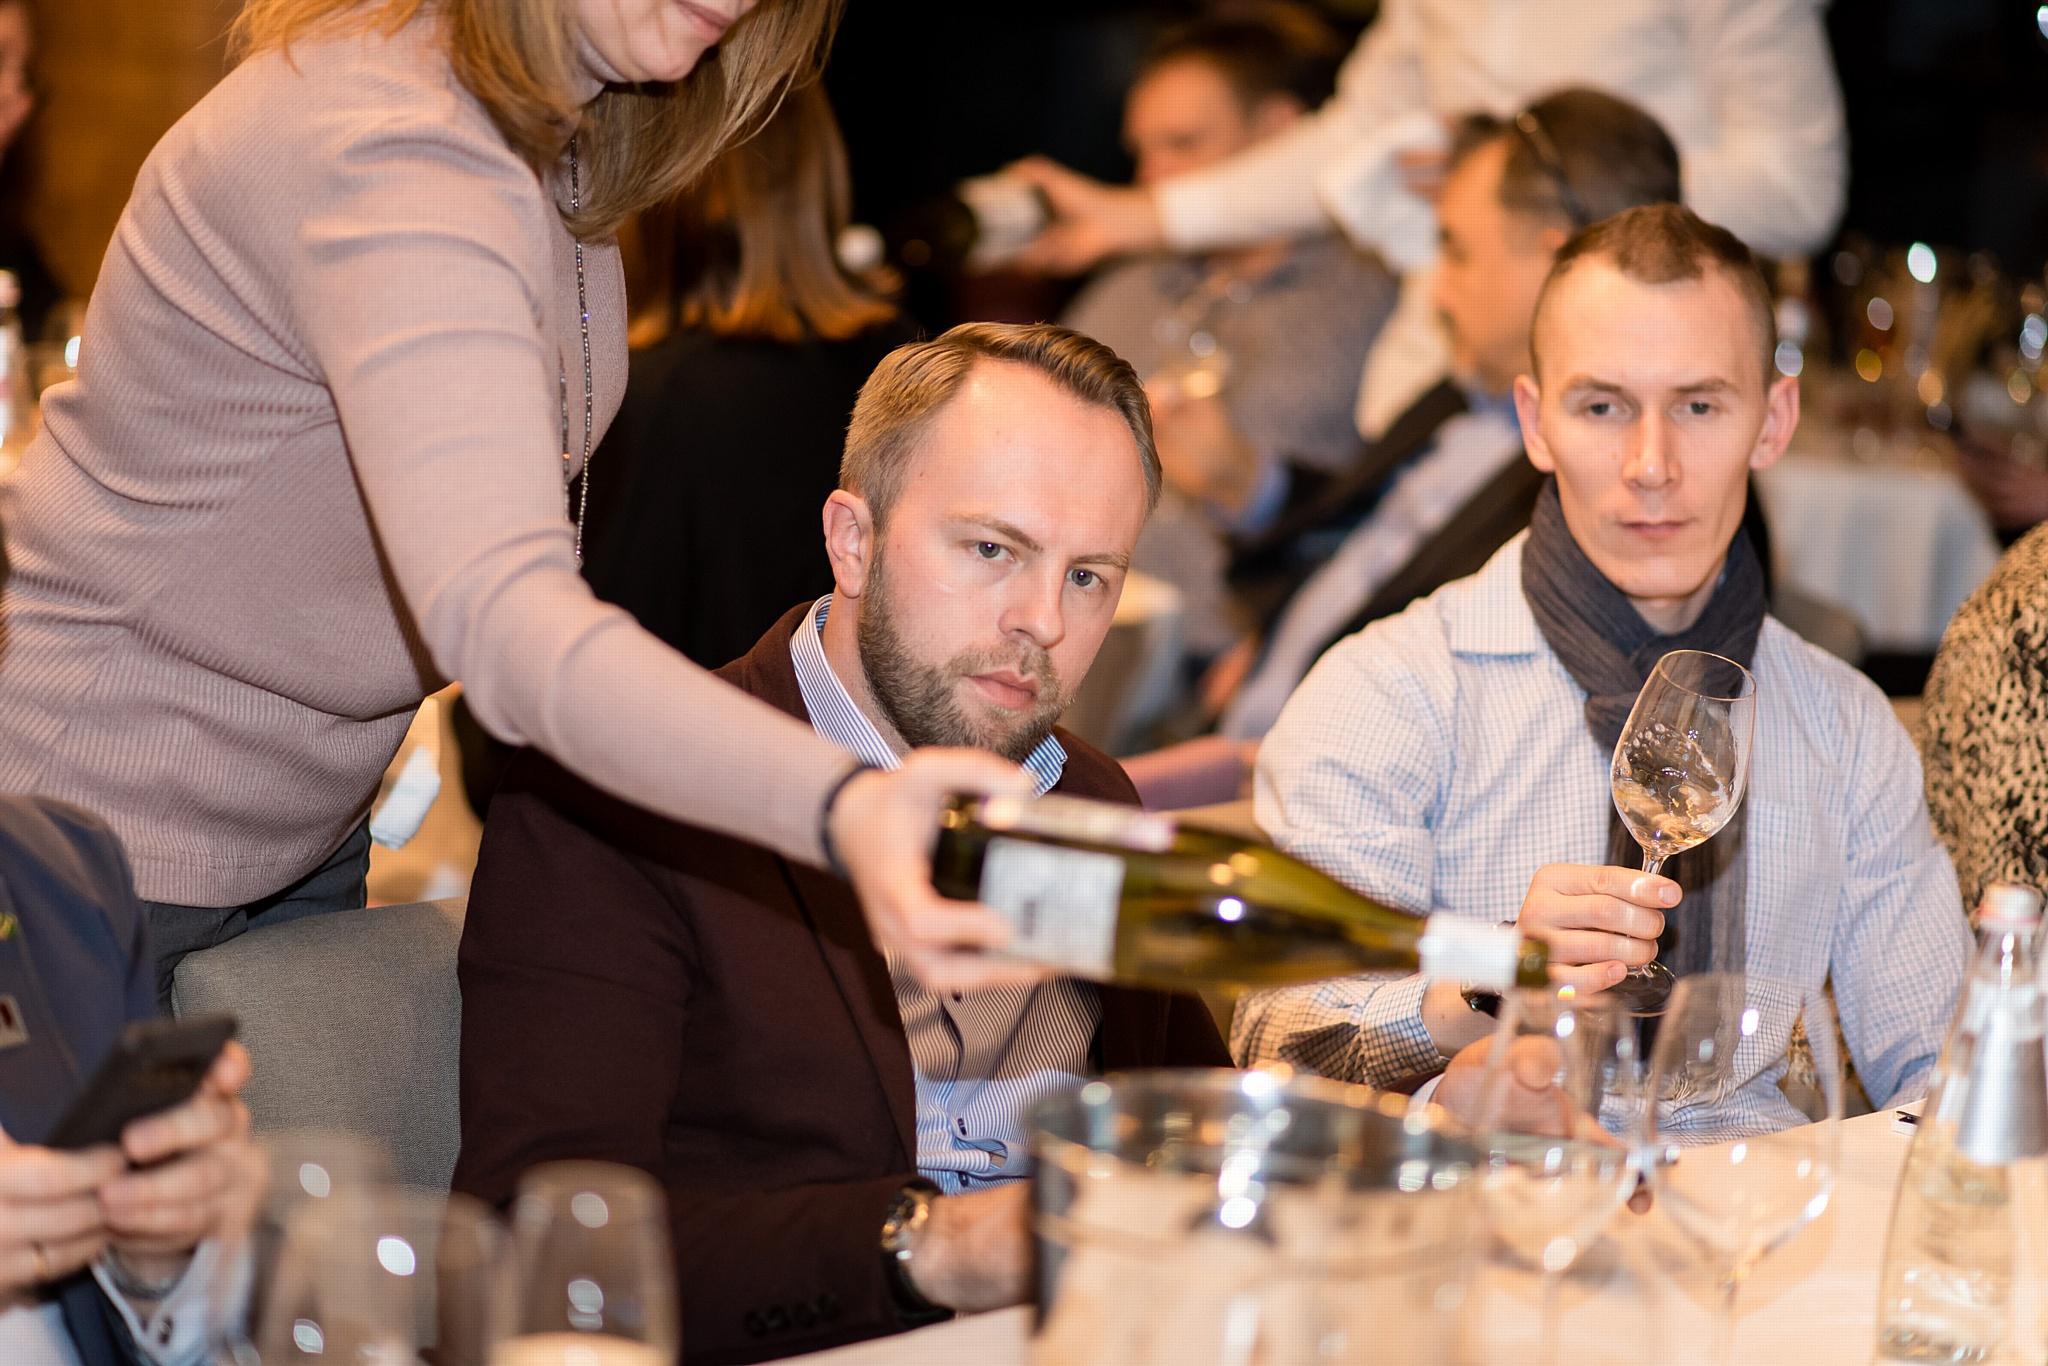 Магистр вина Франк Смулдерс представил ассортимент винной полки сети магазинов «Да!»